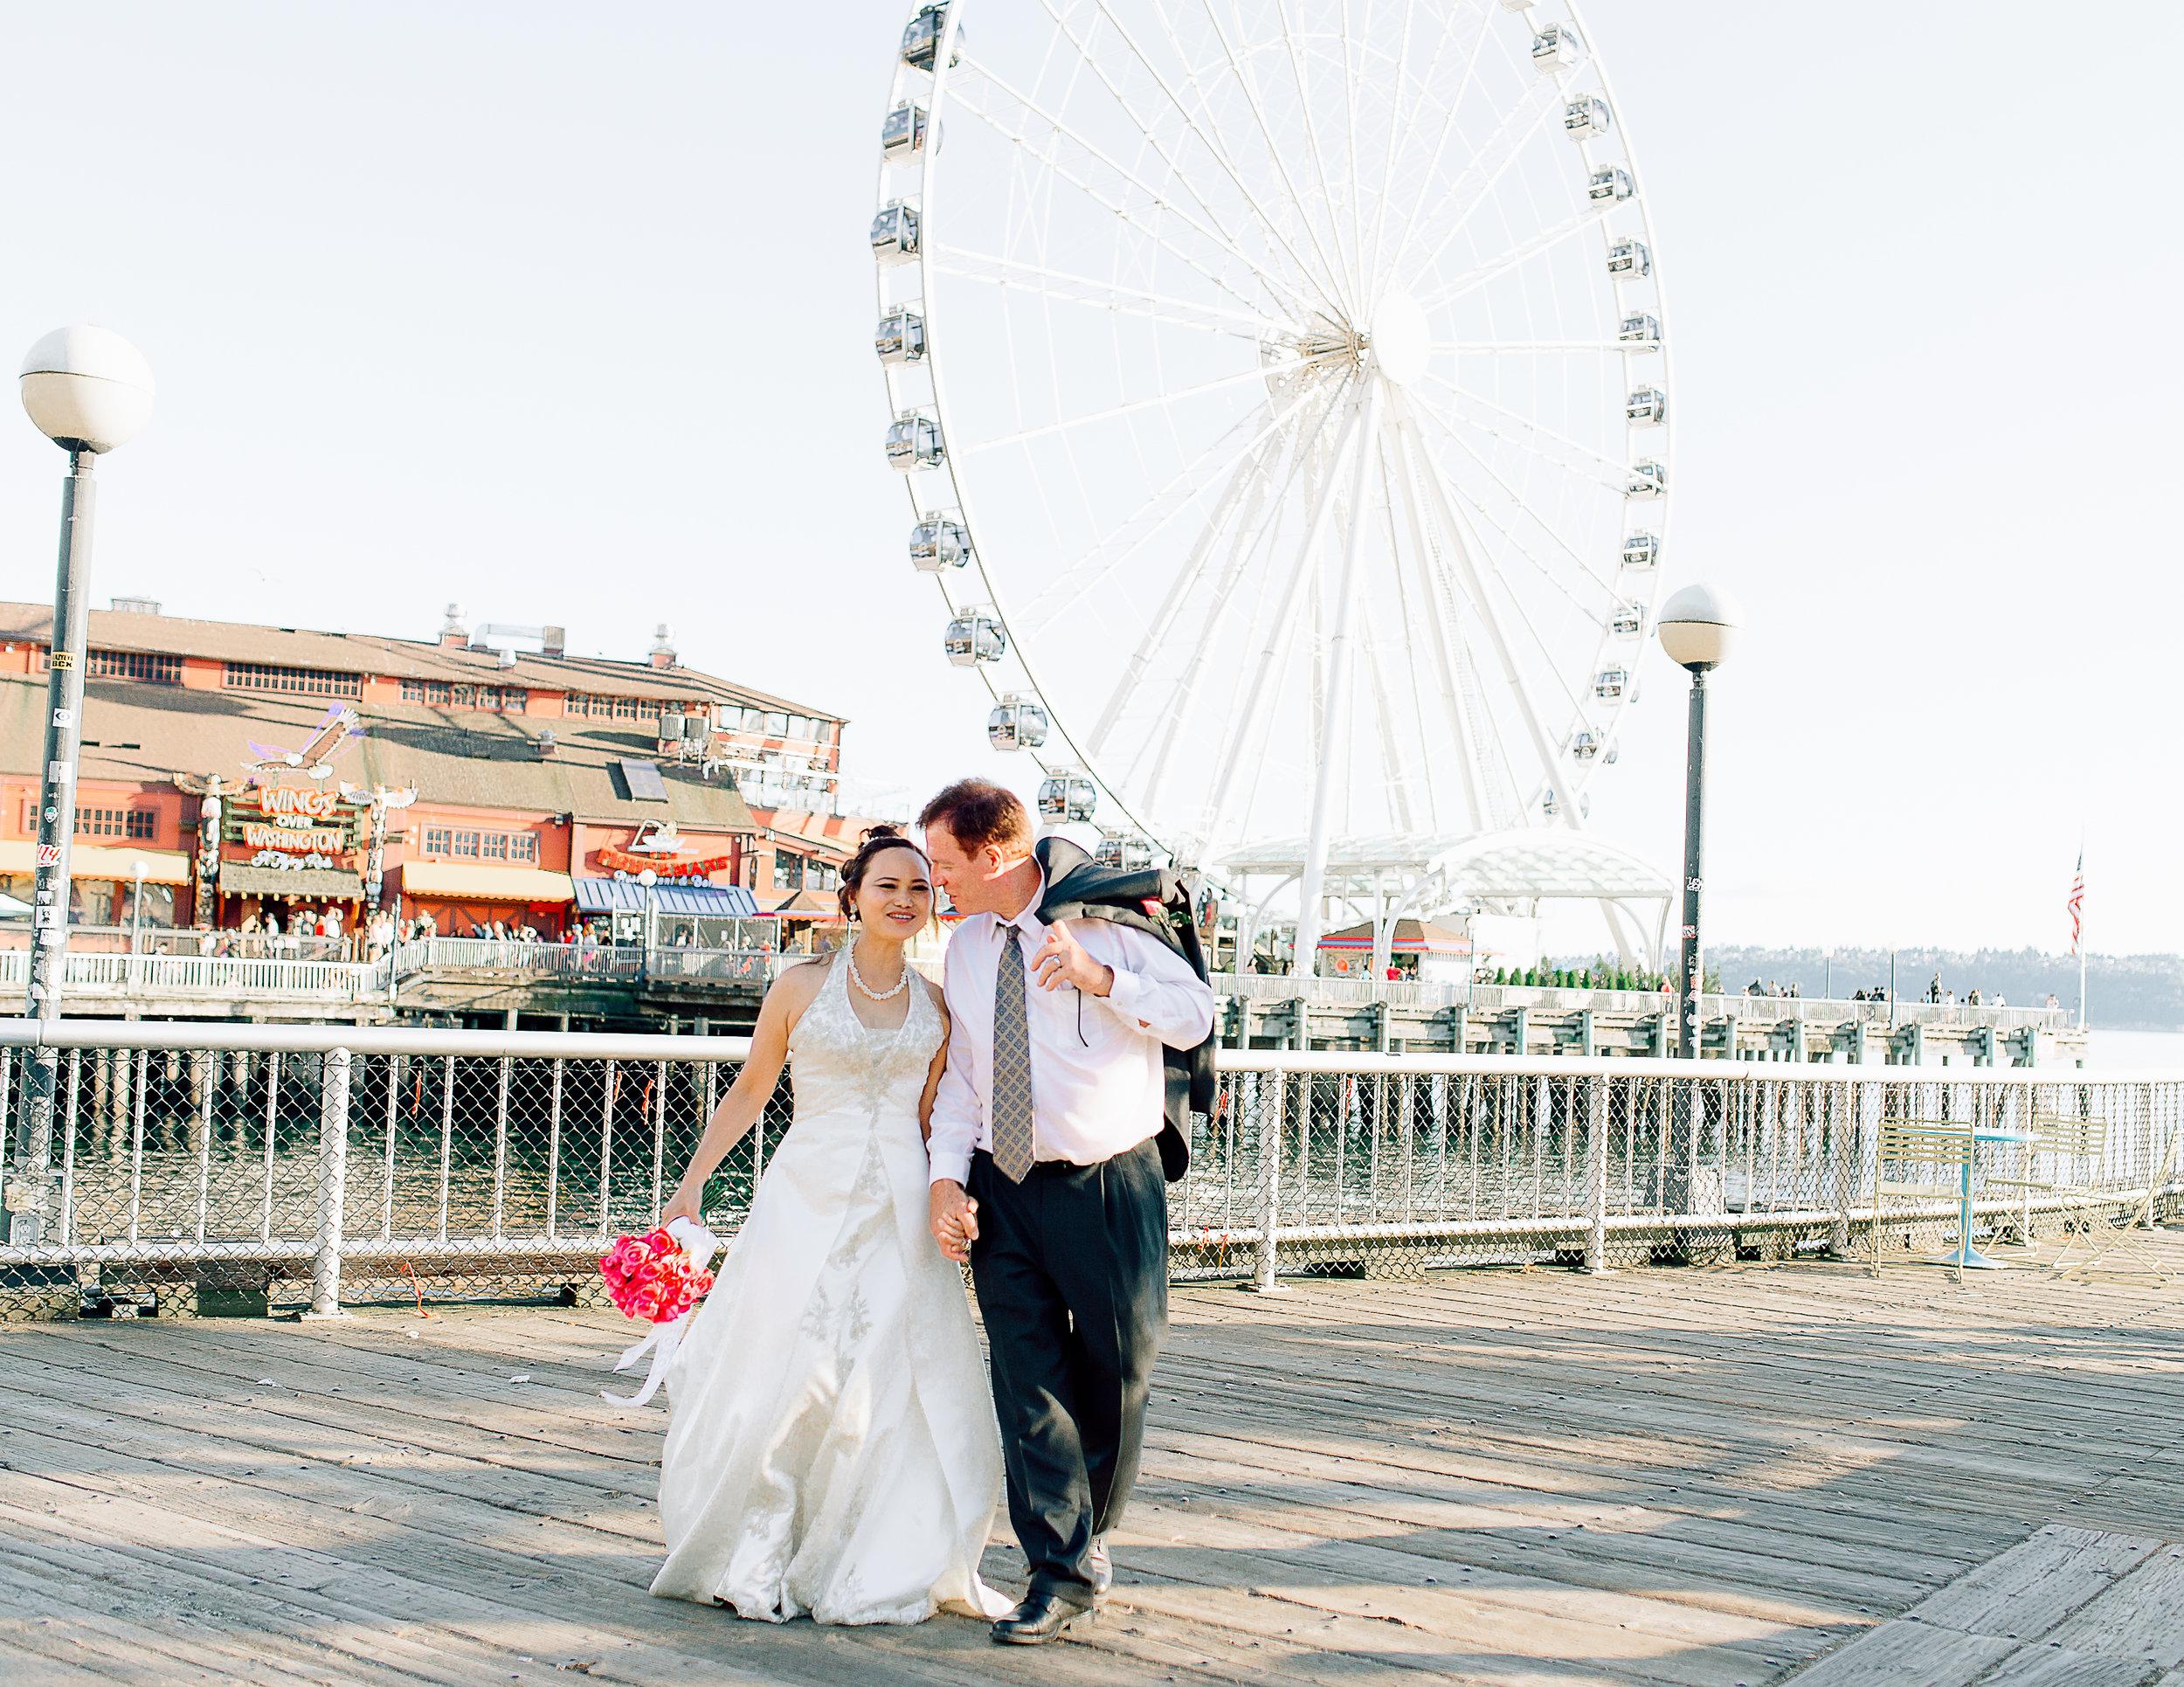 destinationwedding_Seattle_virginiaphotographer_youseephotography_LidiaOtto (563).jpg